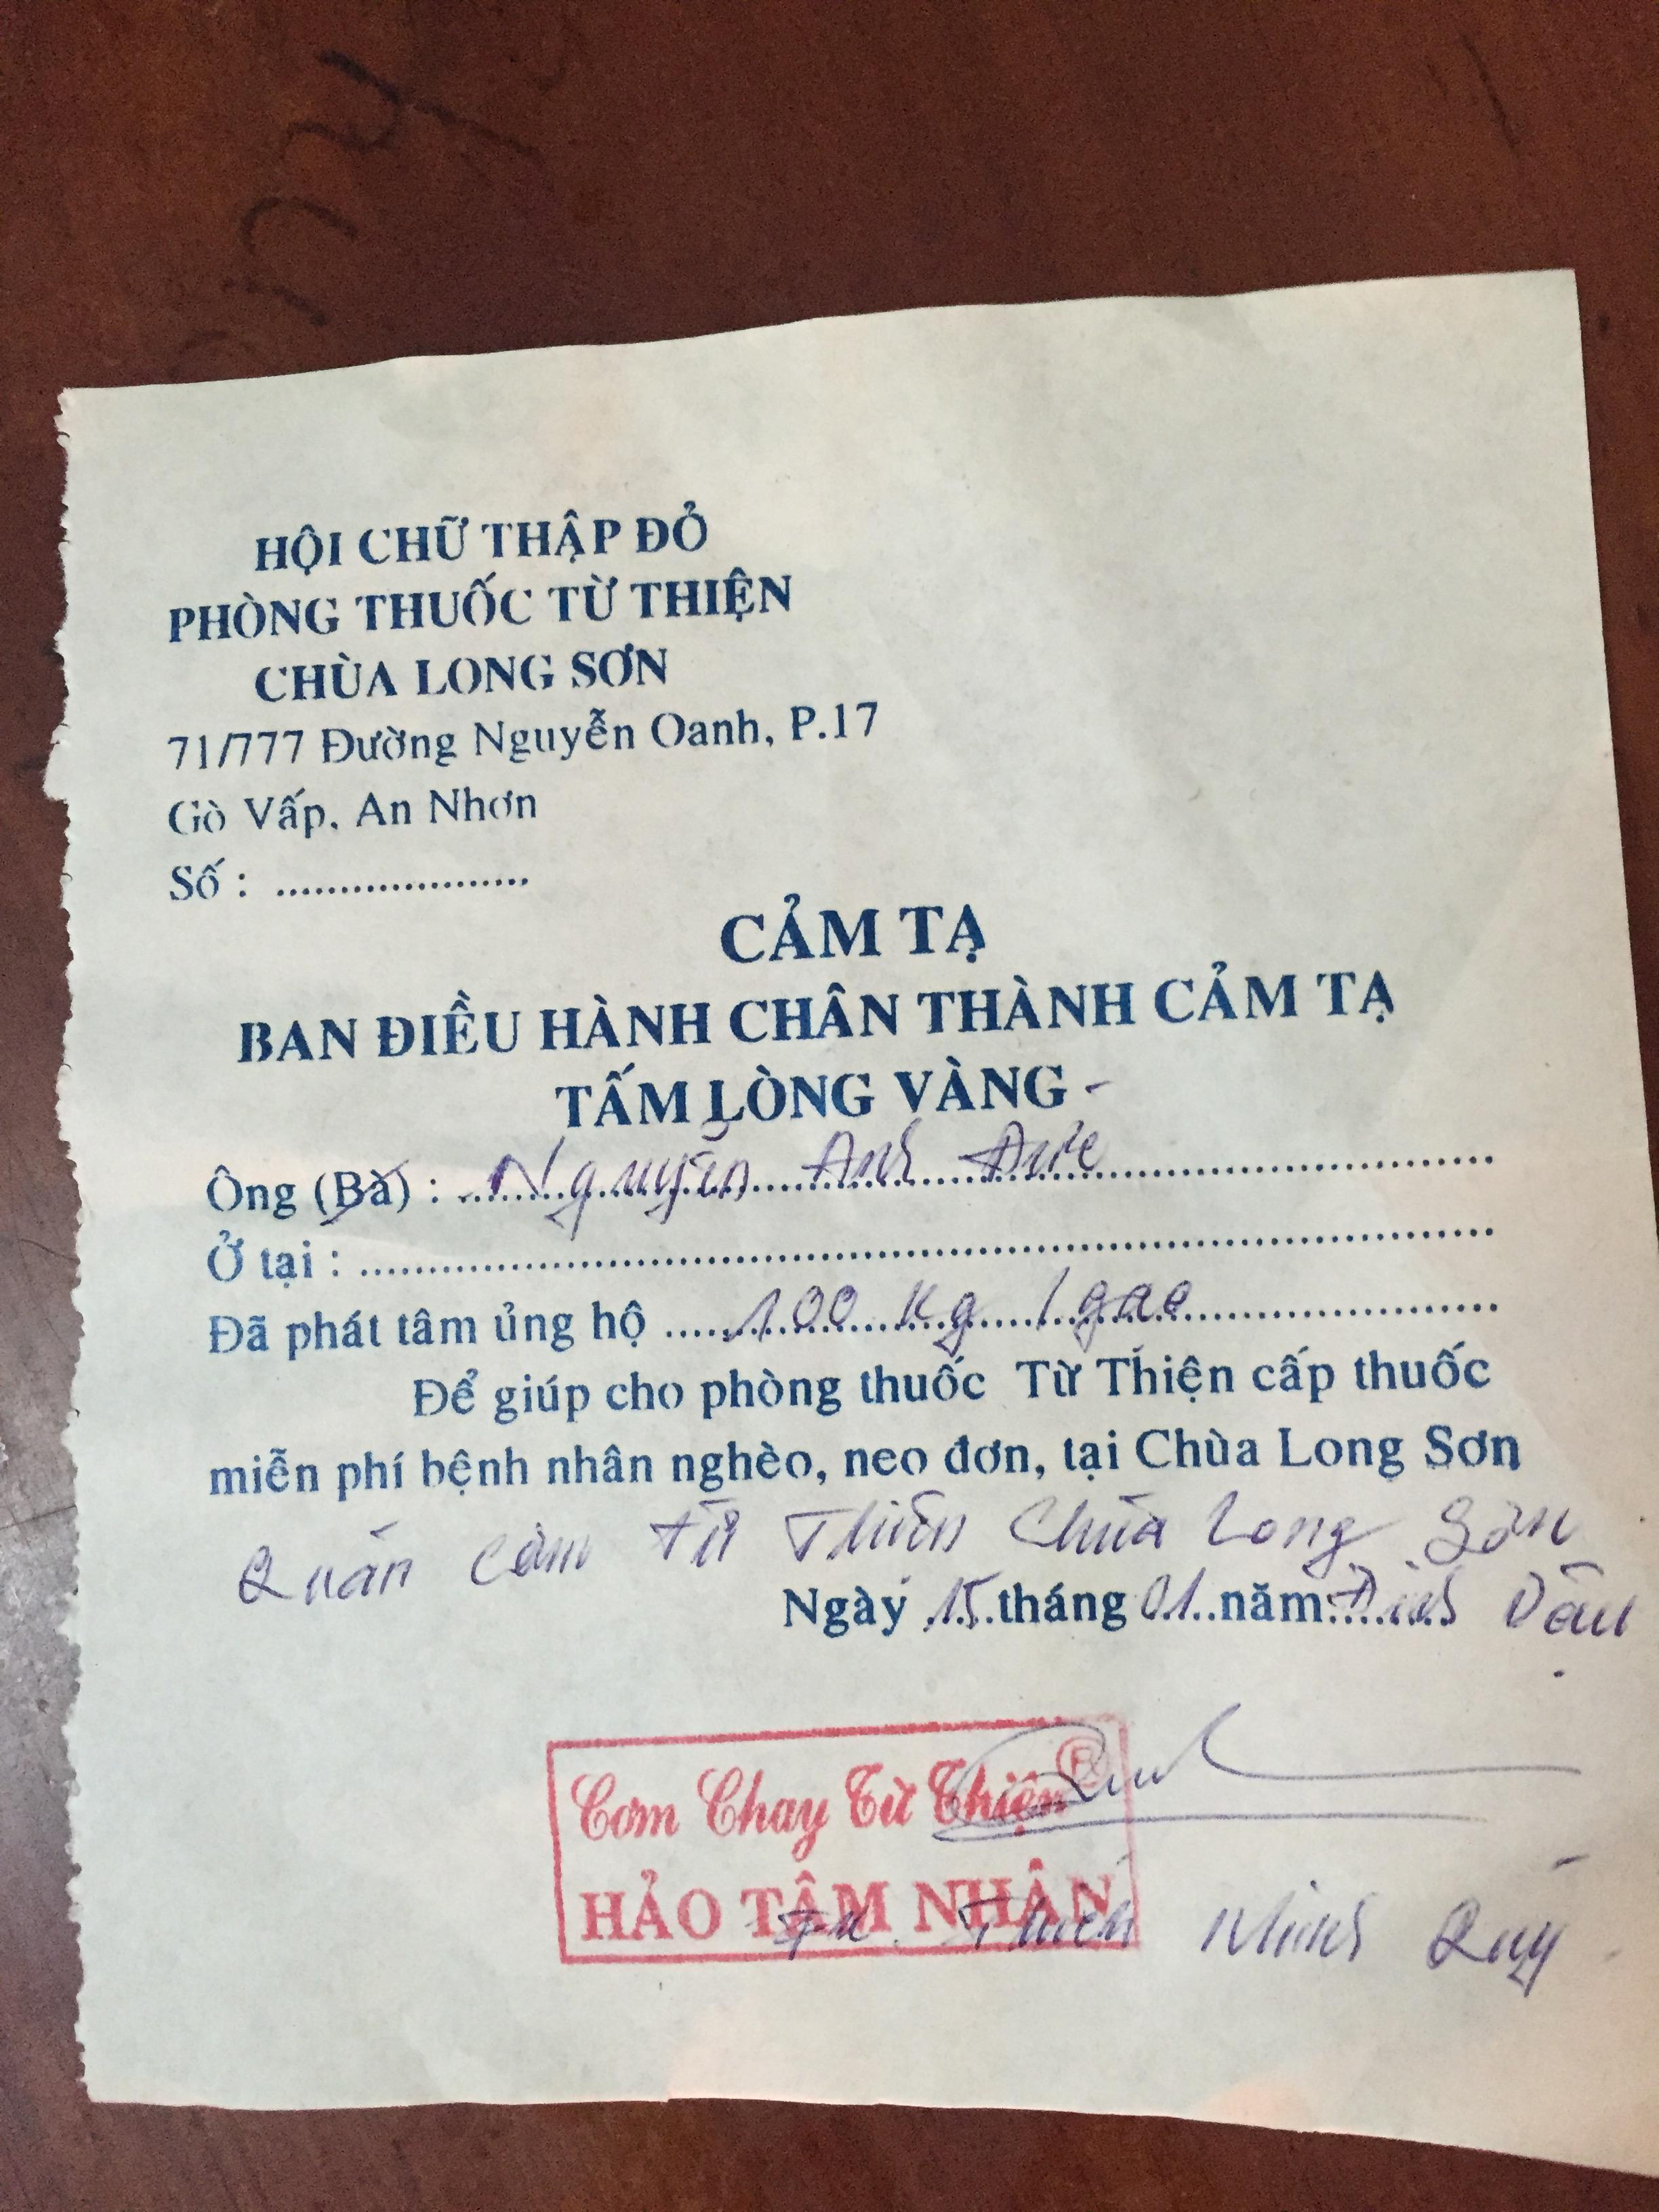 Phiếu công đức chùa Long Sơn